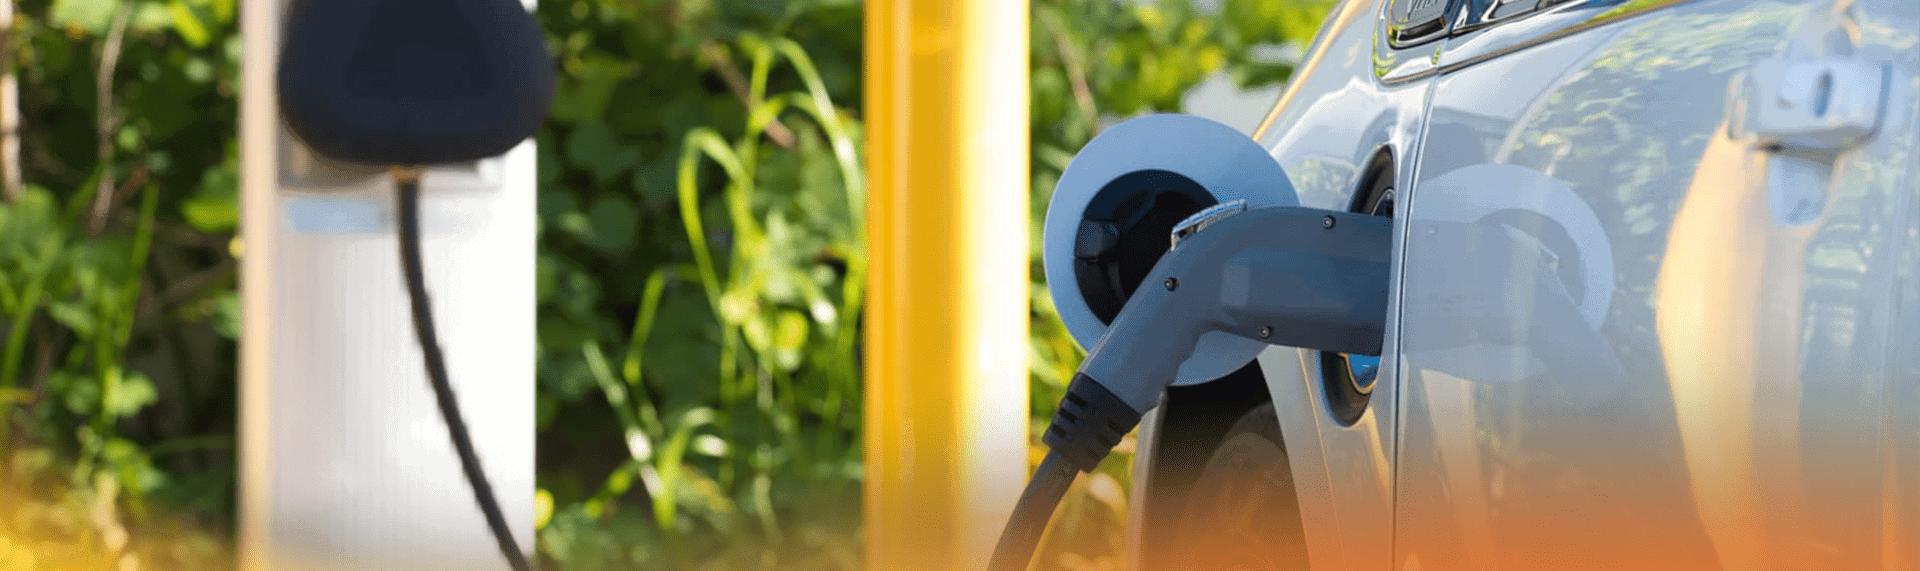 Elektrische auto-doelstelling uit Klimaatakkoord is haalbaar